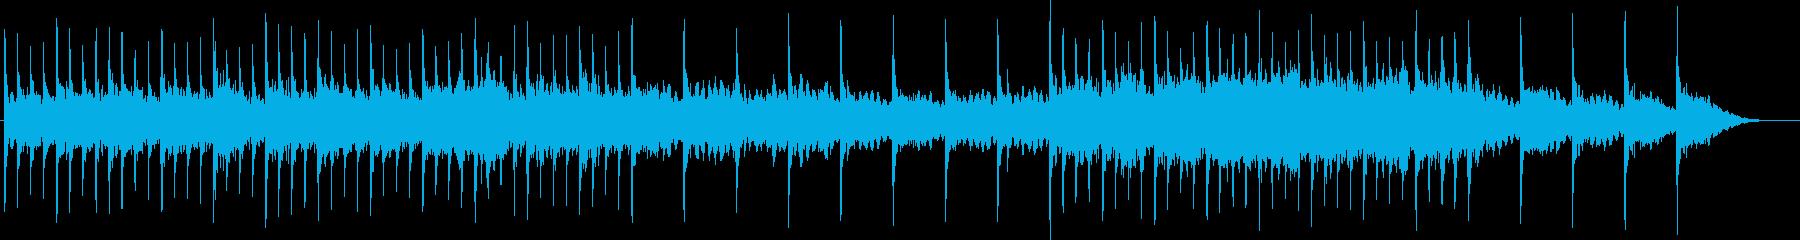 ホラー系ミステリー系BGMの再生済みの波形